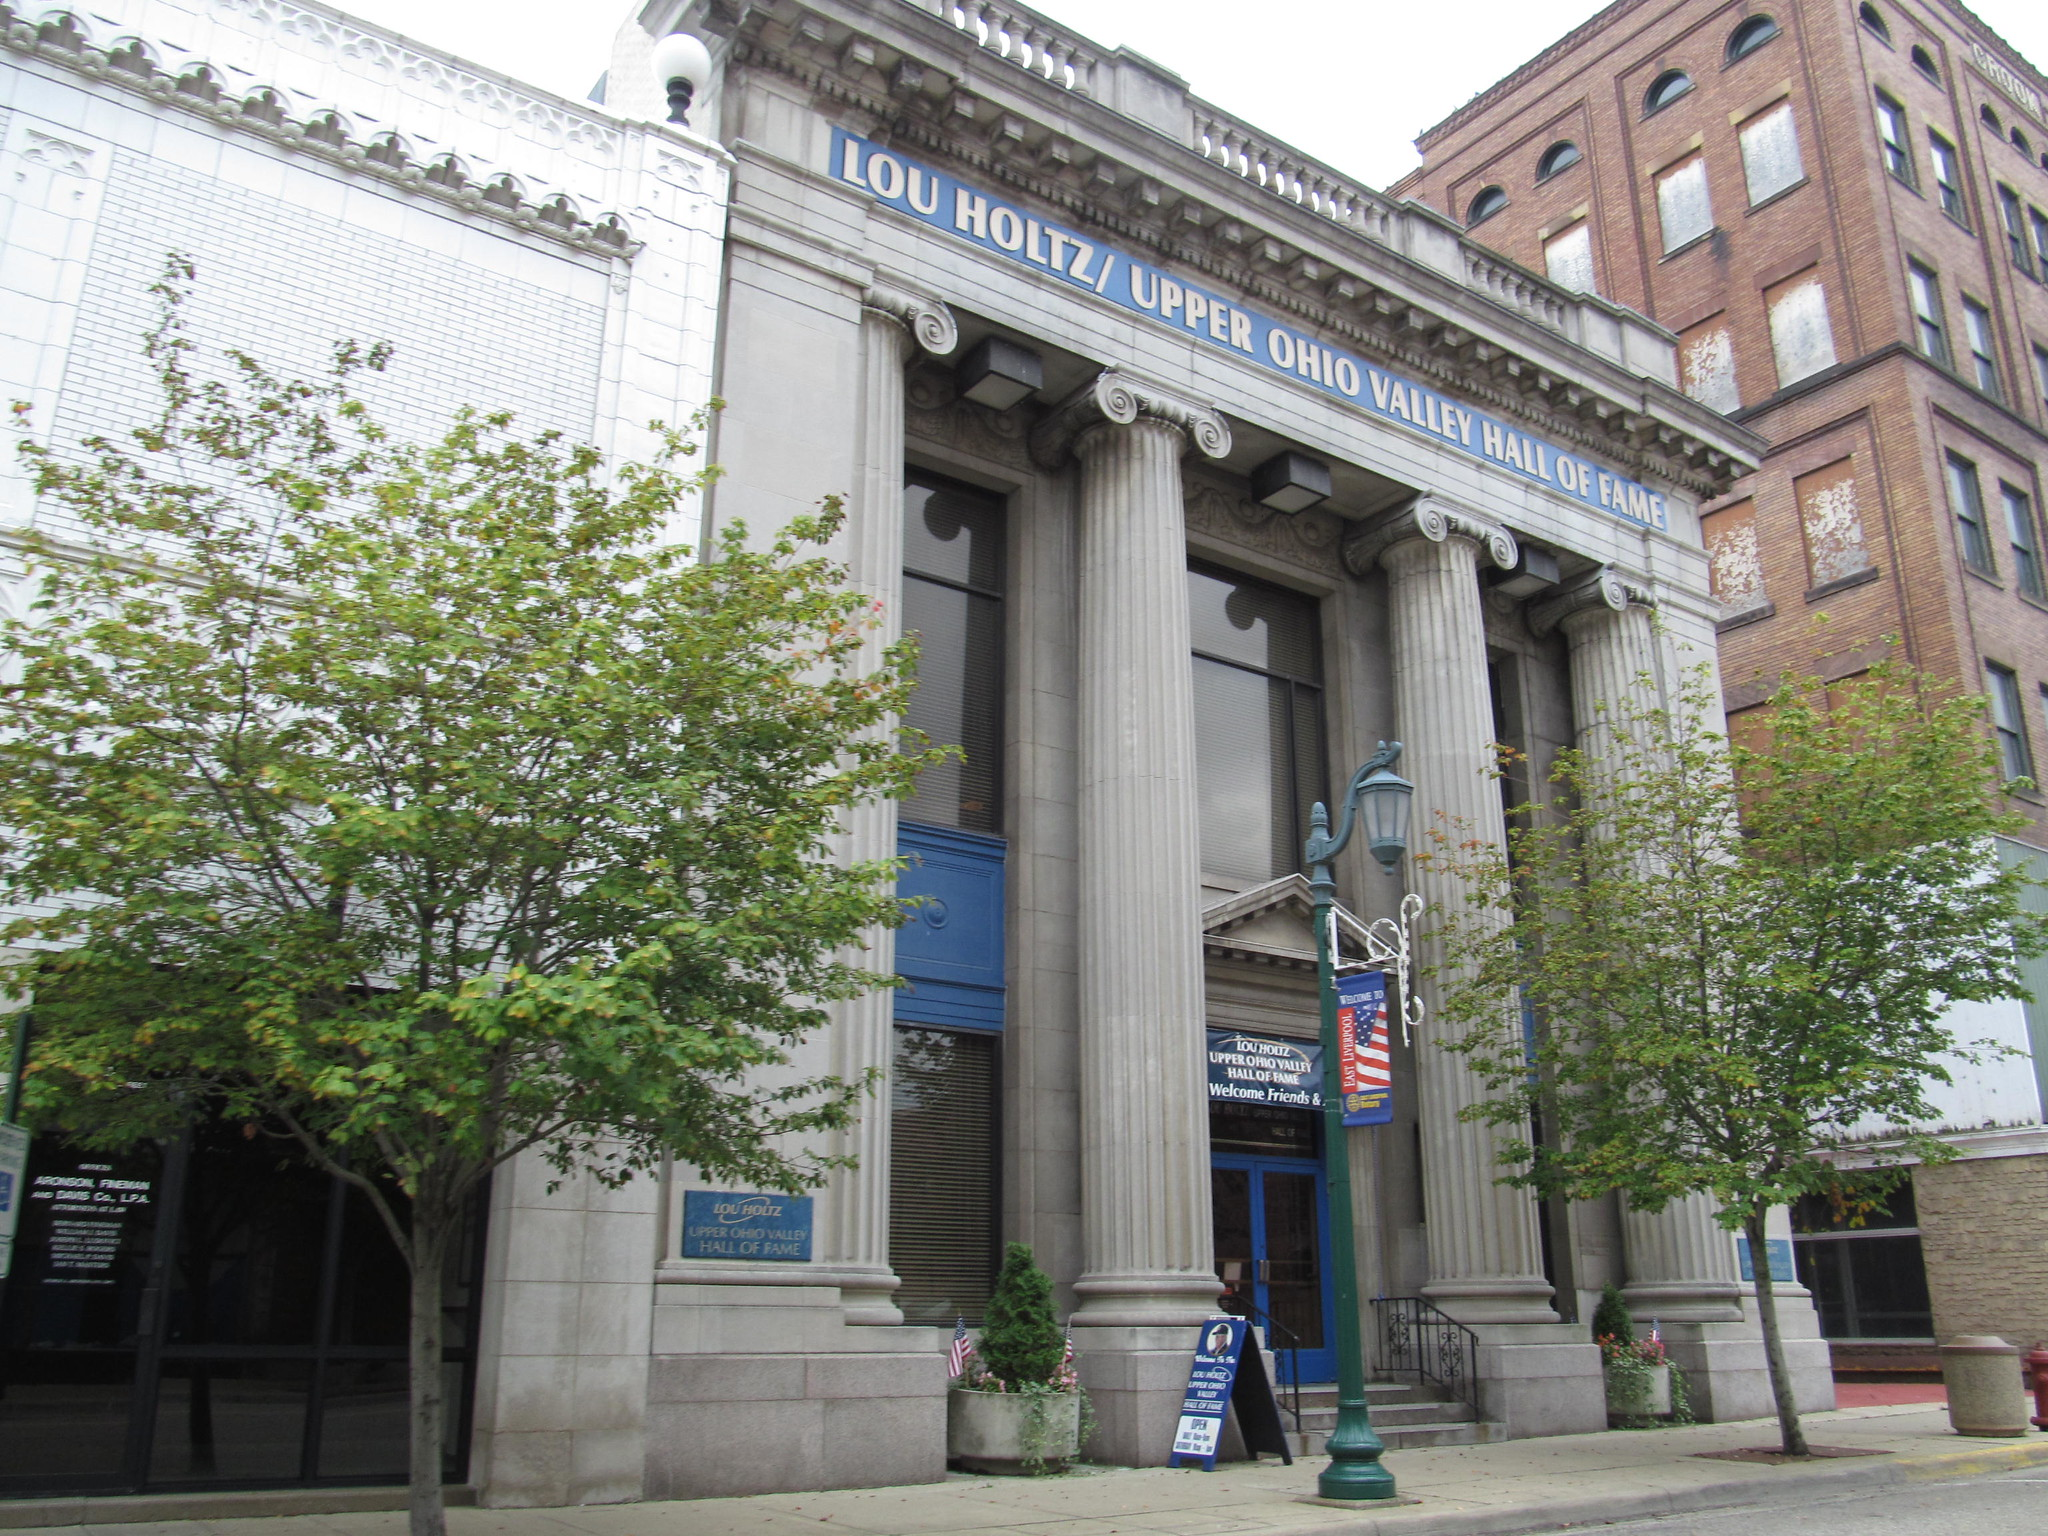 Stdte und Orte in Ohio - Americanet, das USA-Portal